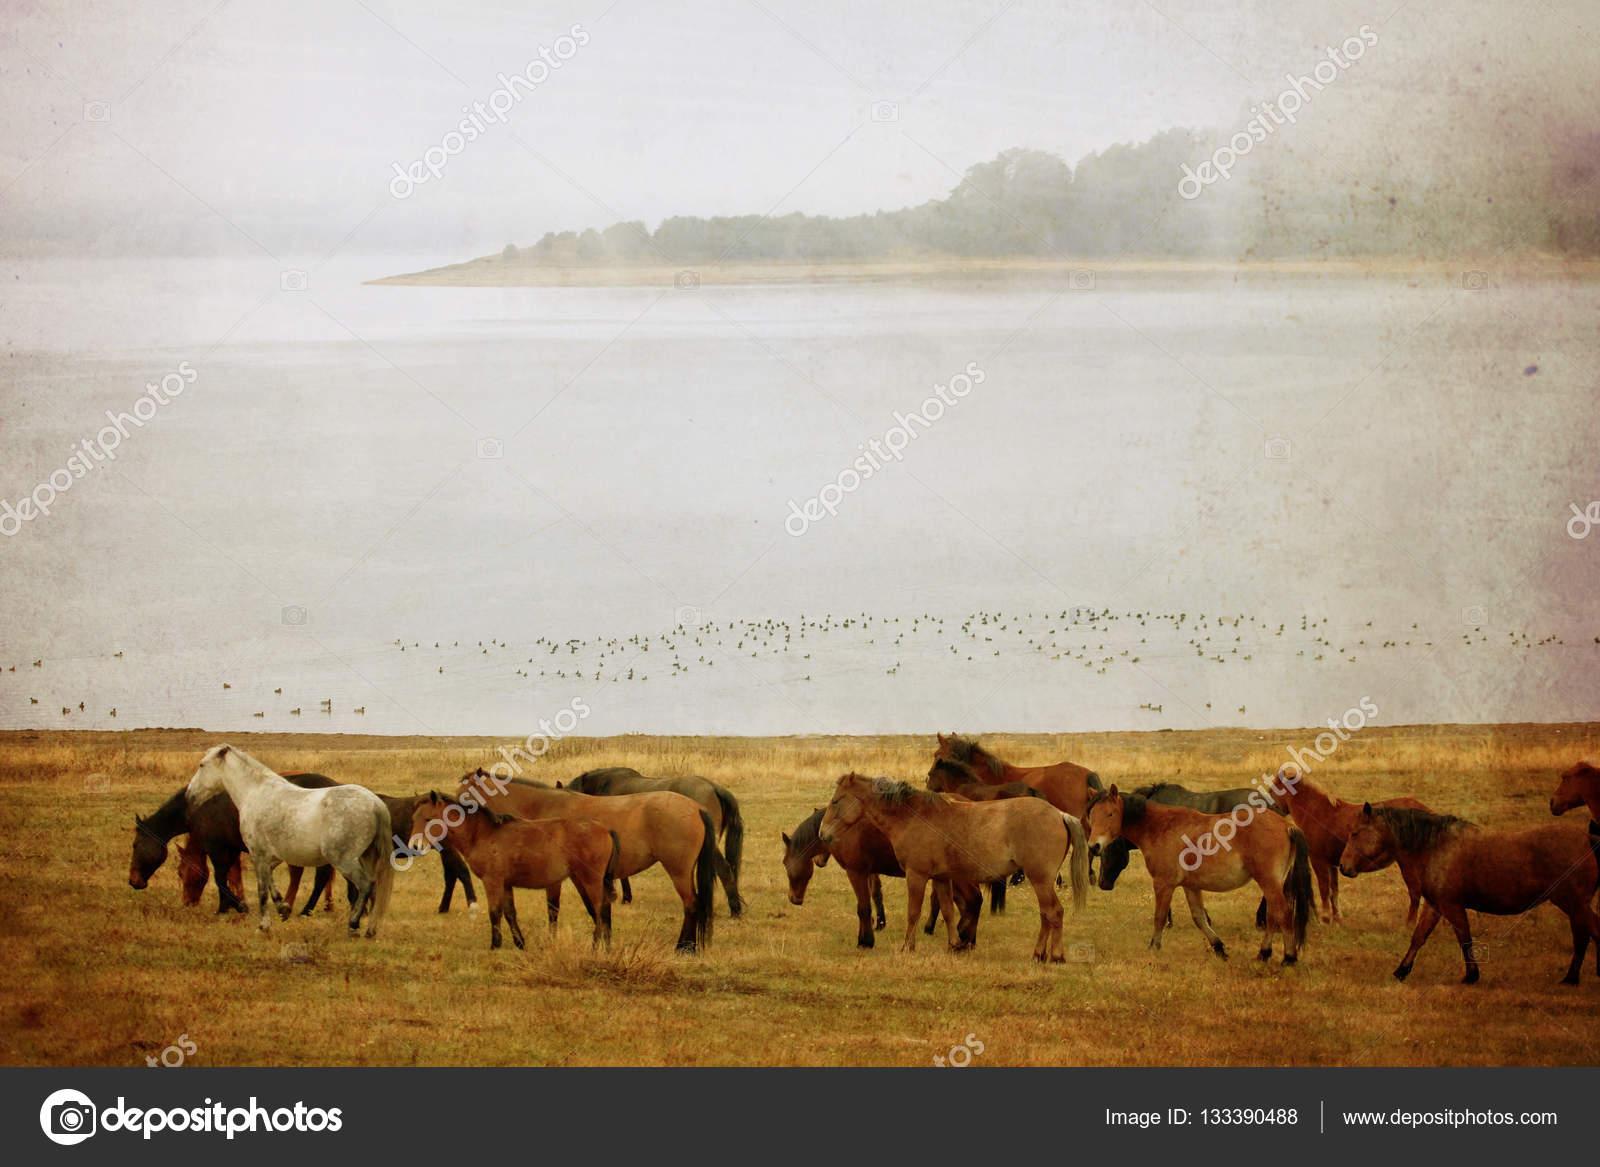 Obraz Konia Vintage Zdjęcie Stockowe Sliper84 133390488